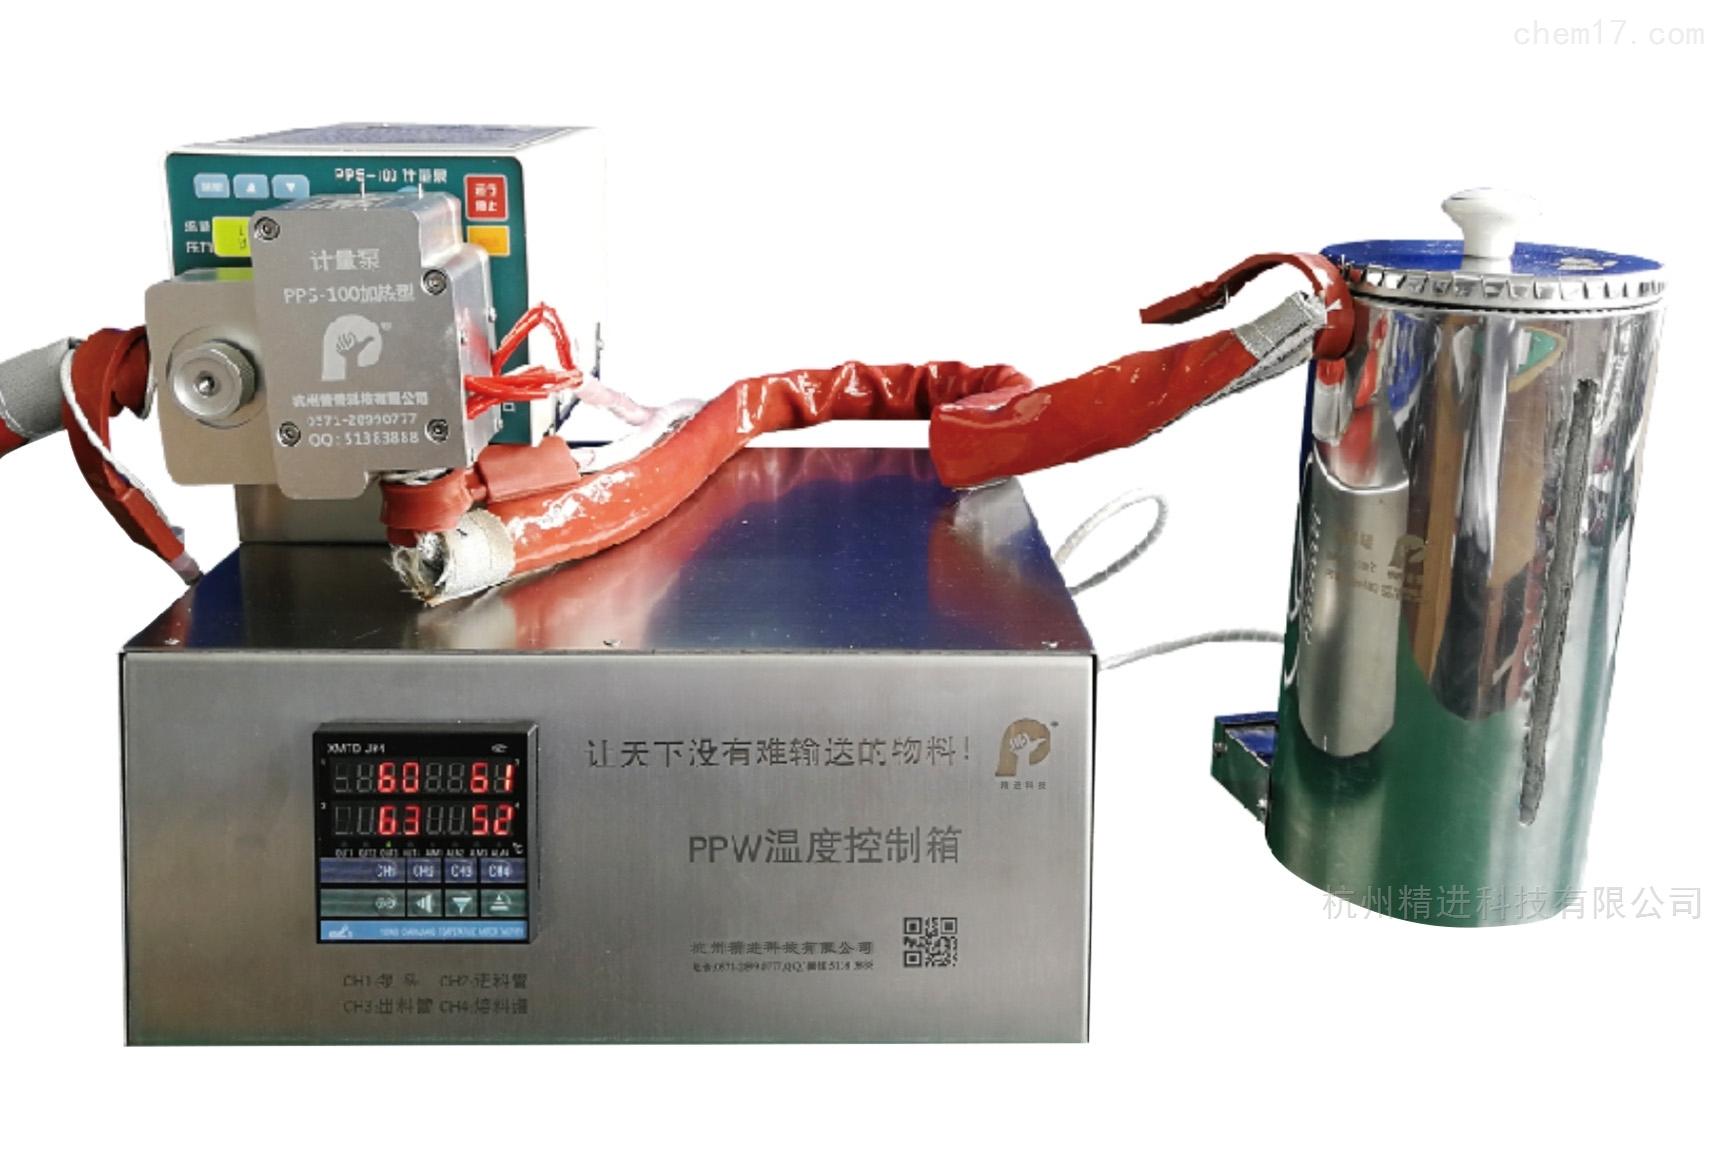 PPS系列高温小流量高精度进料泵